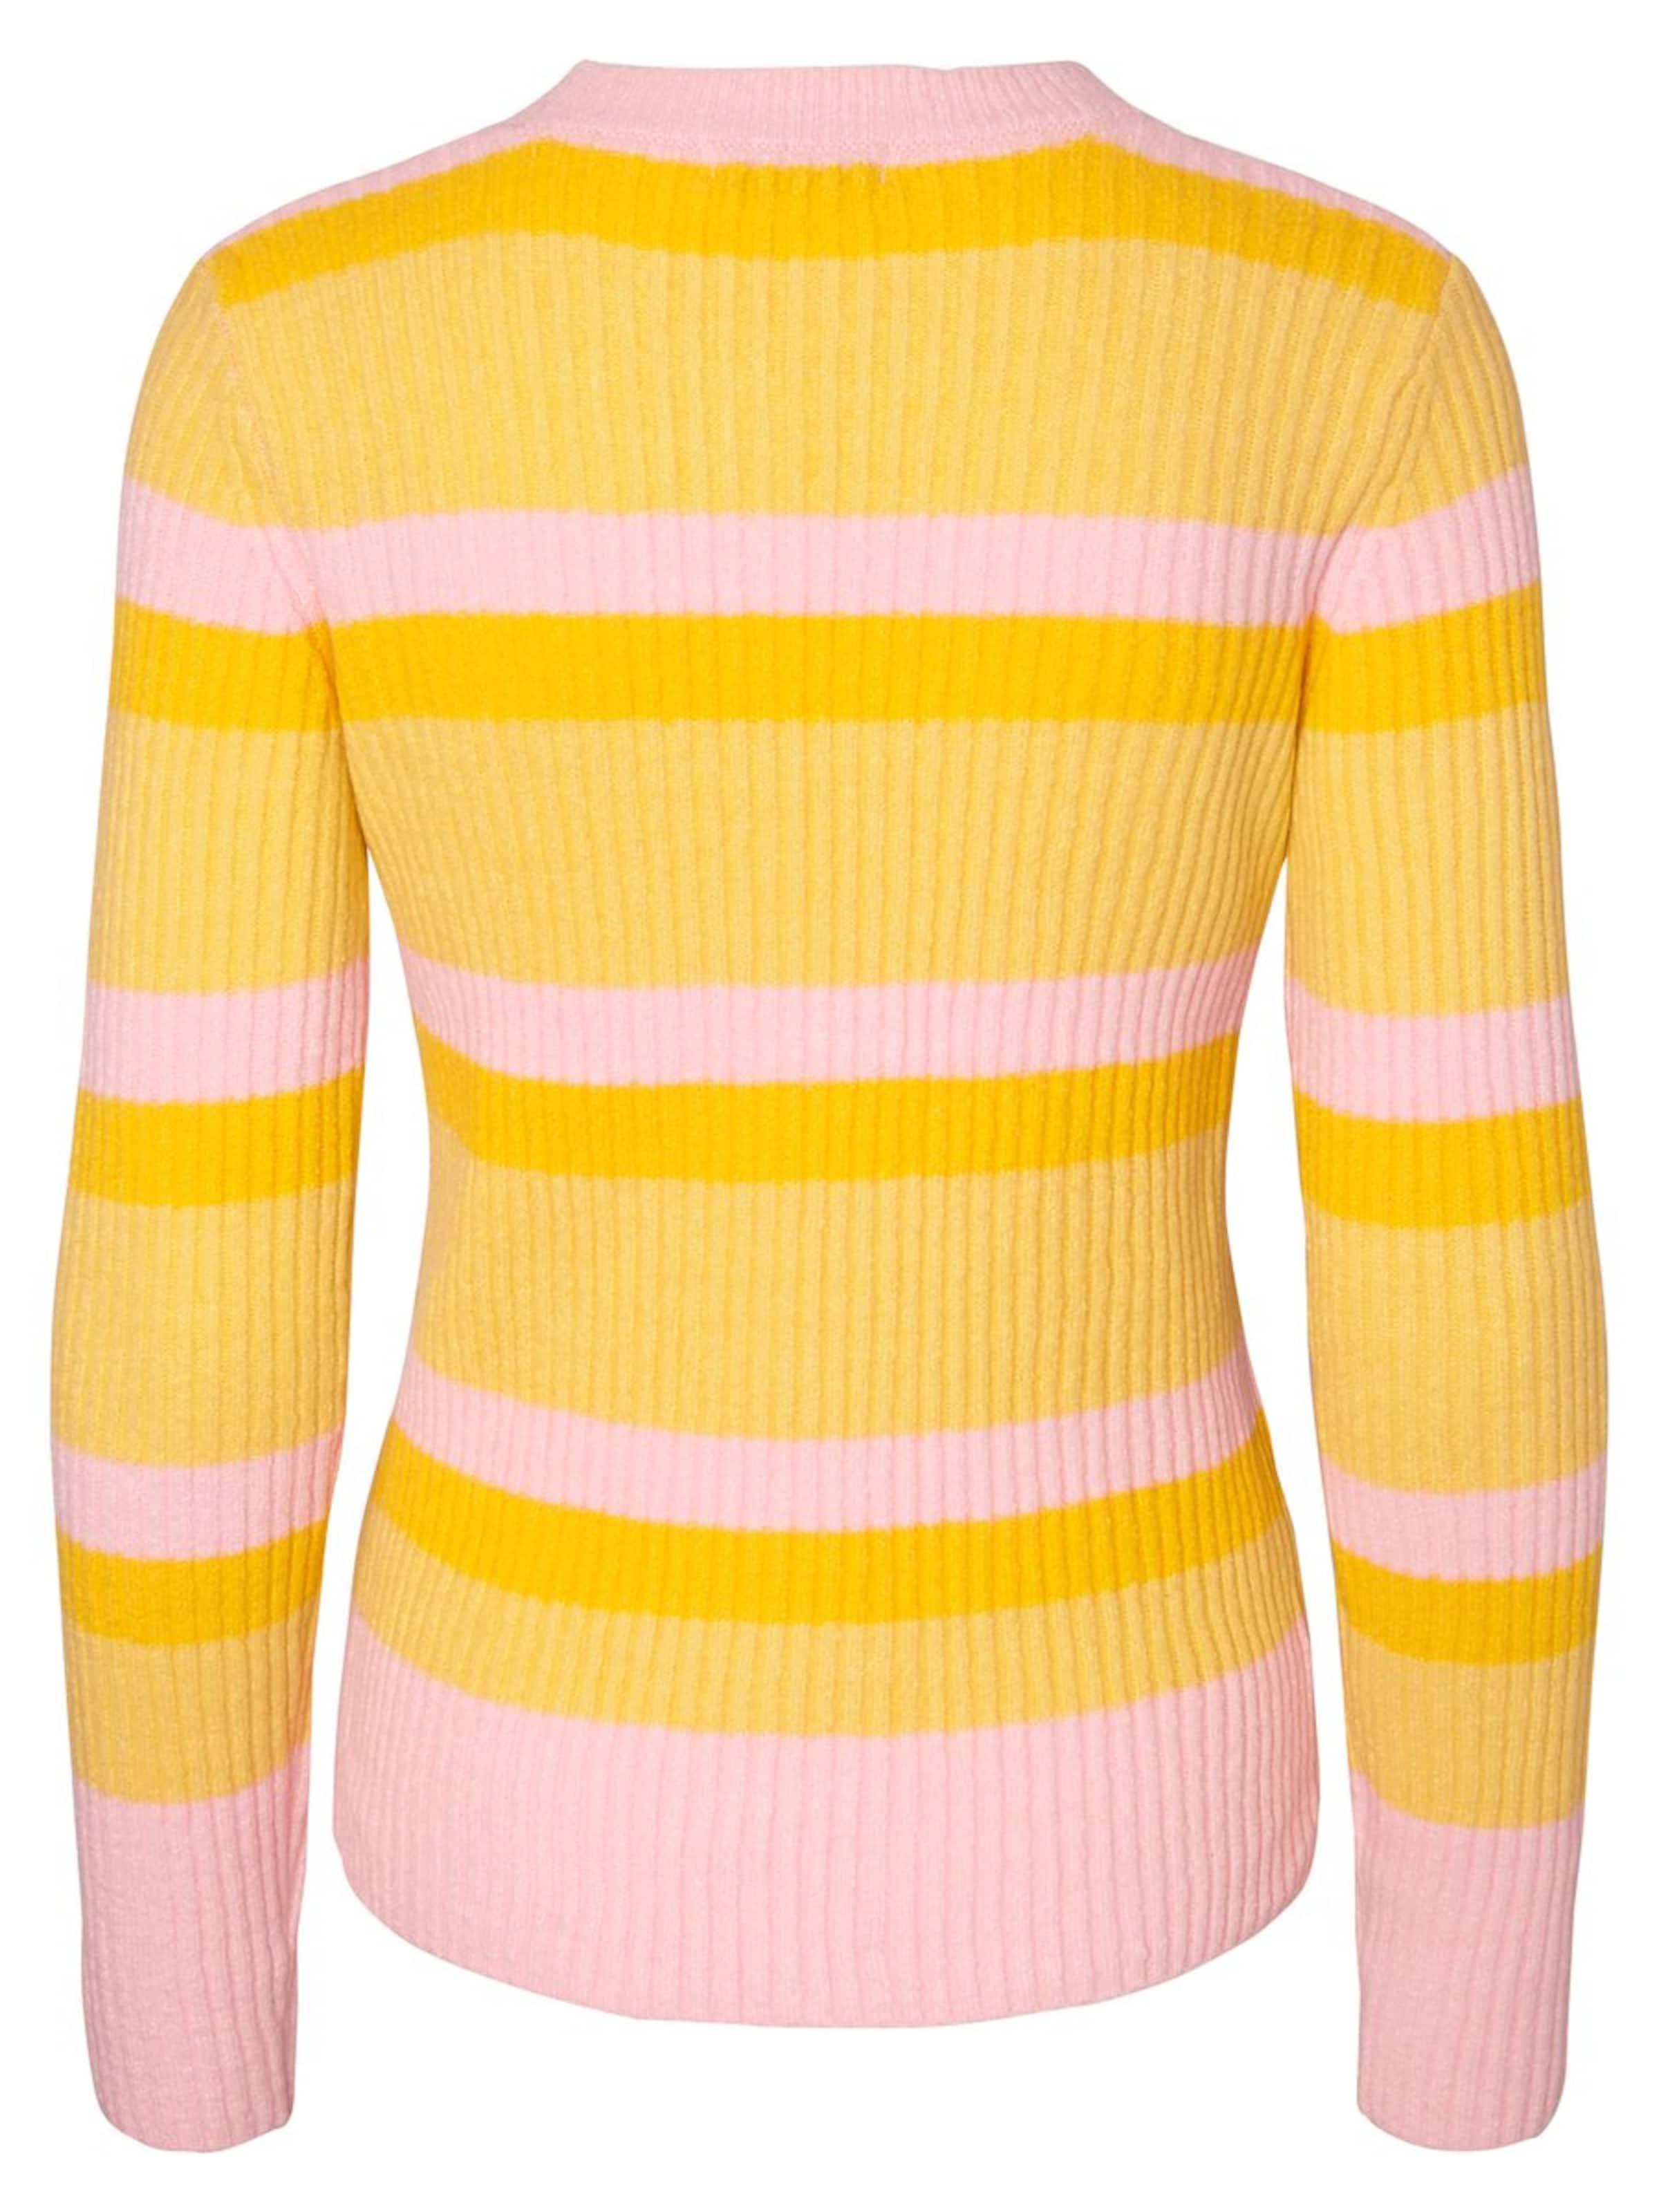 Pieces shirt En Ls Rose 'pcbelka JauneClair Knit' T ZPX80kNnwO